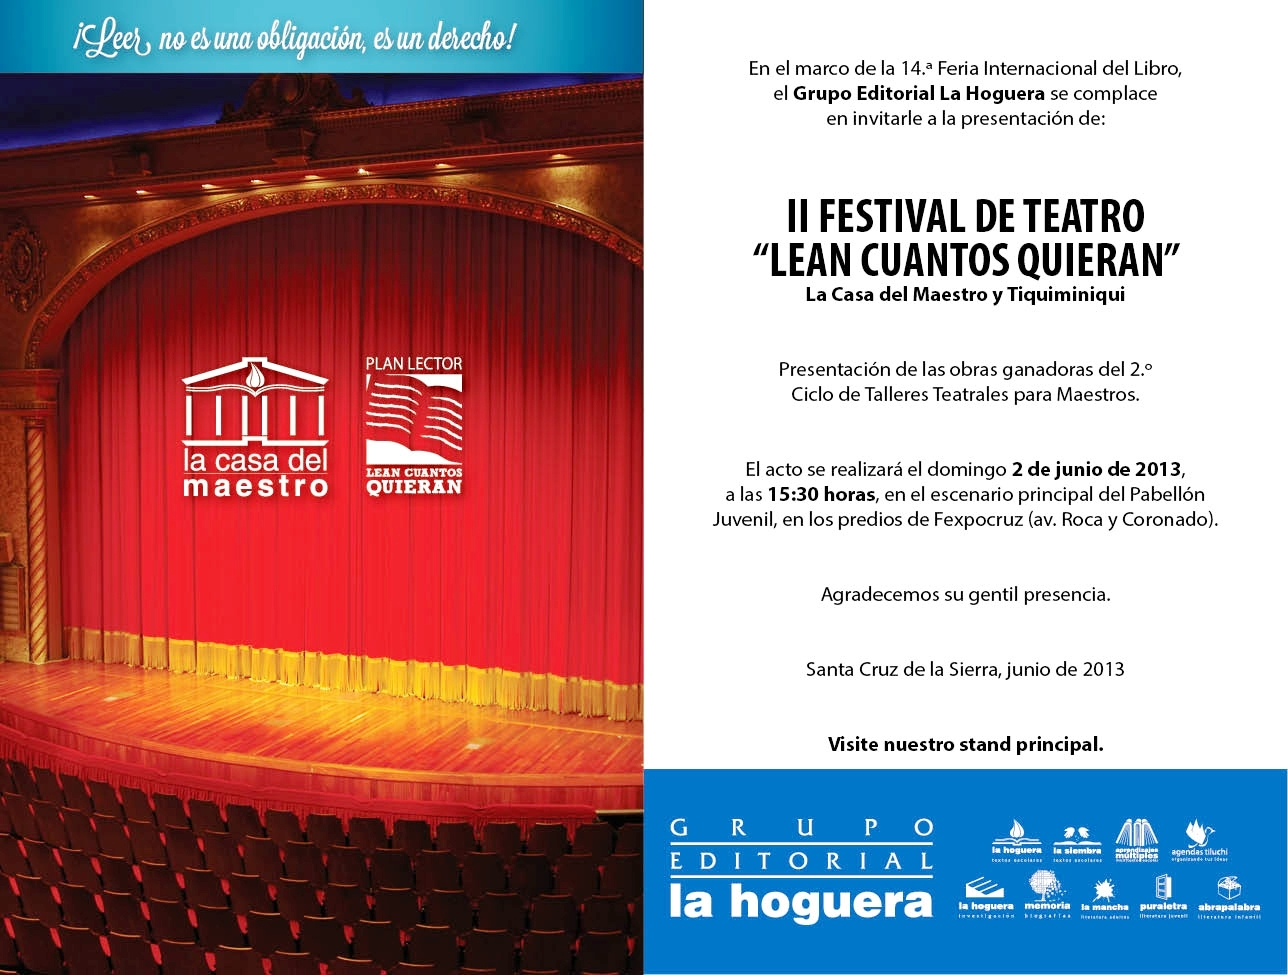 La casa del maestro ii festival de teatro estudiantil lean cuantos quieran - La casa del maestro ...